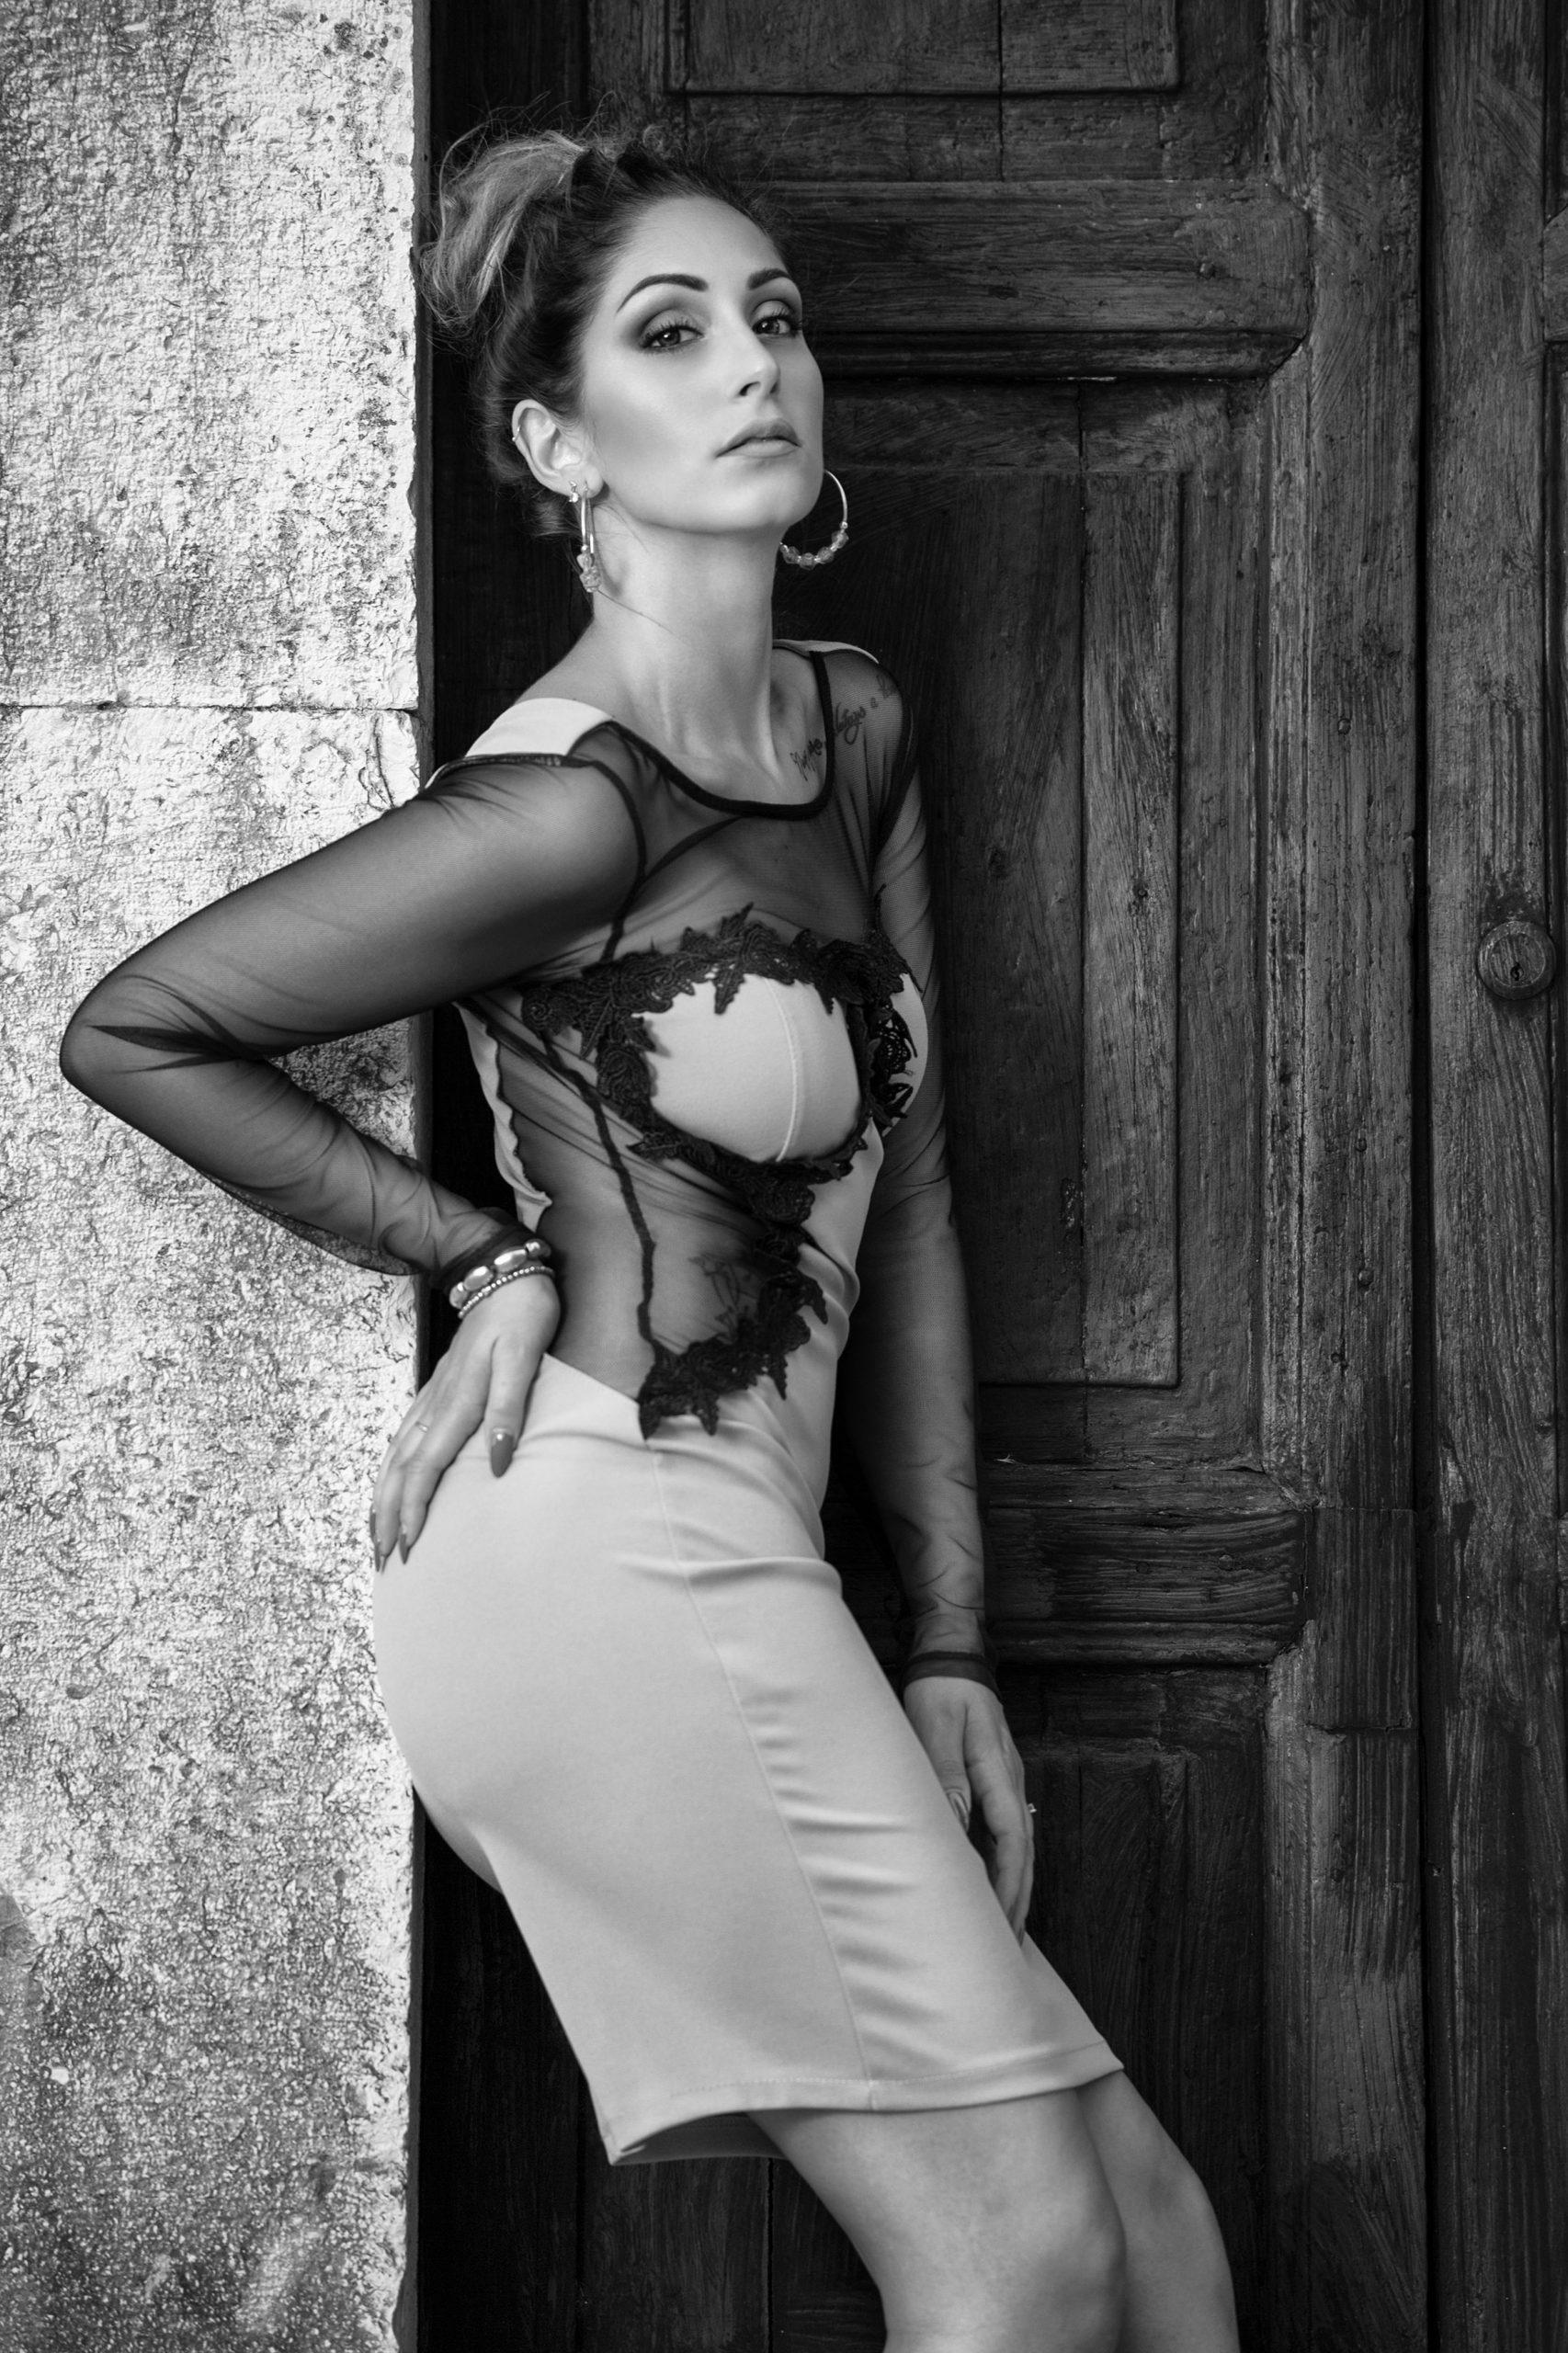 Categorie: Glamour, Portrait, Fashion - Photographer: FRANCO FASCIOLO - Model & Mua: VERONICA CAMPOGIANI - Location: Labro, RI, Italia